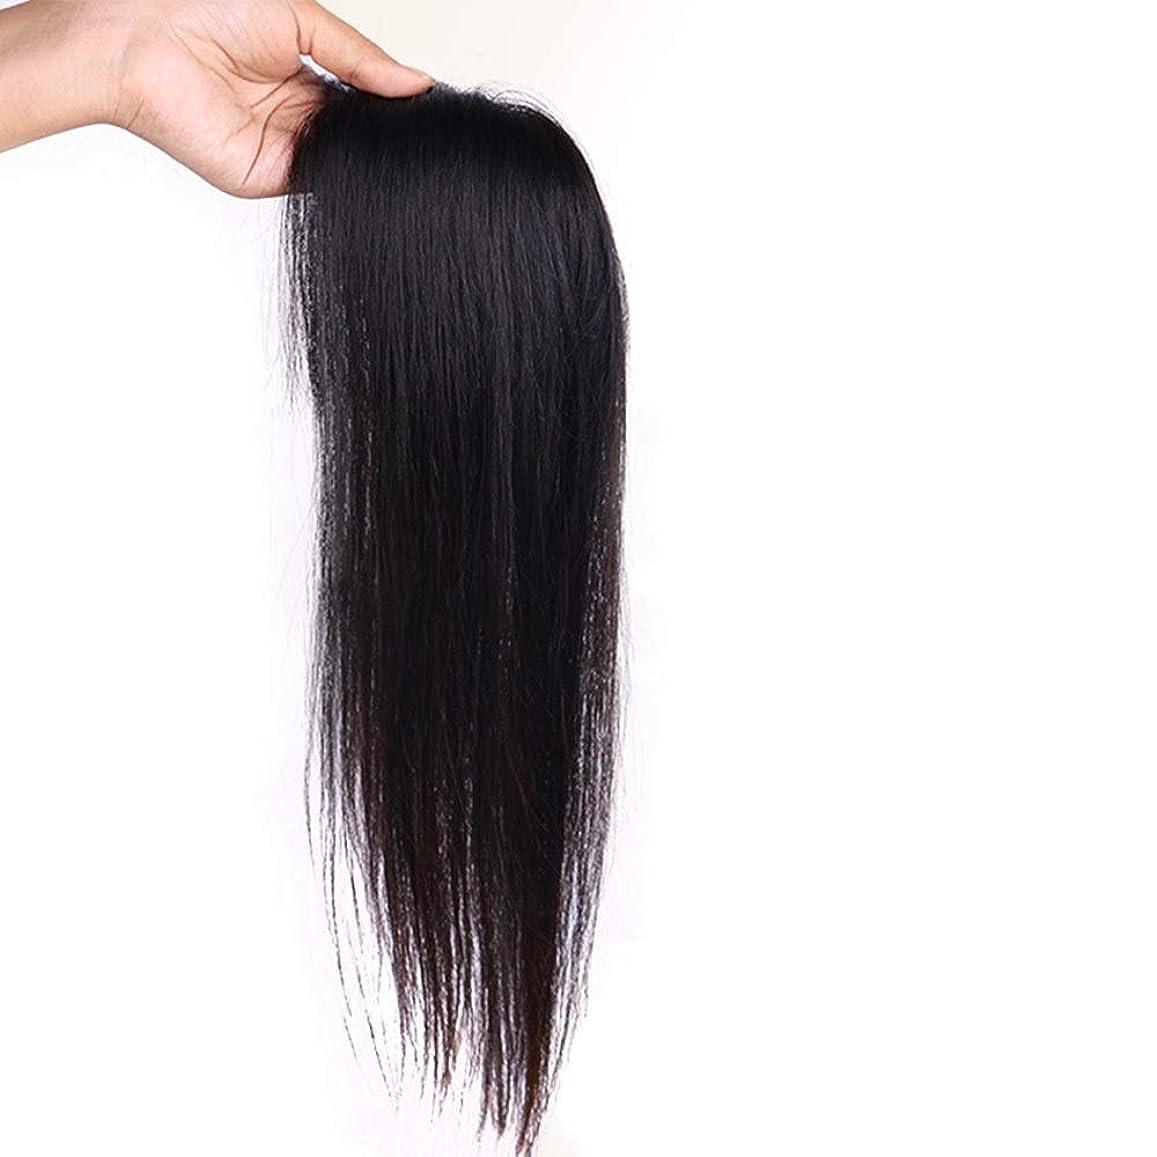 視線嬉しいです広くBOBIDYEE ヘアエクステンションで女性のリアルヘアクリップふわふわかつらロングストレートヘアデイリーパーティーウィッグ (色 : [7x10] 25cm natural black)